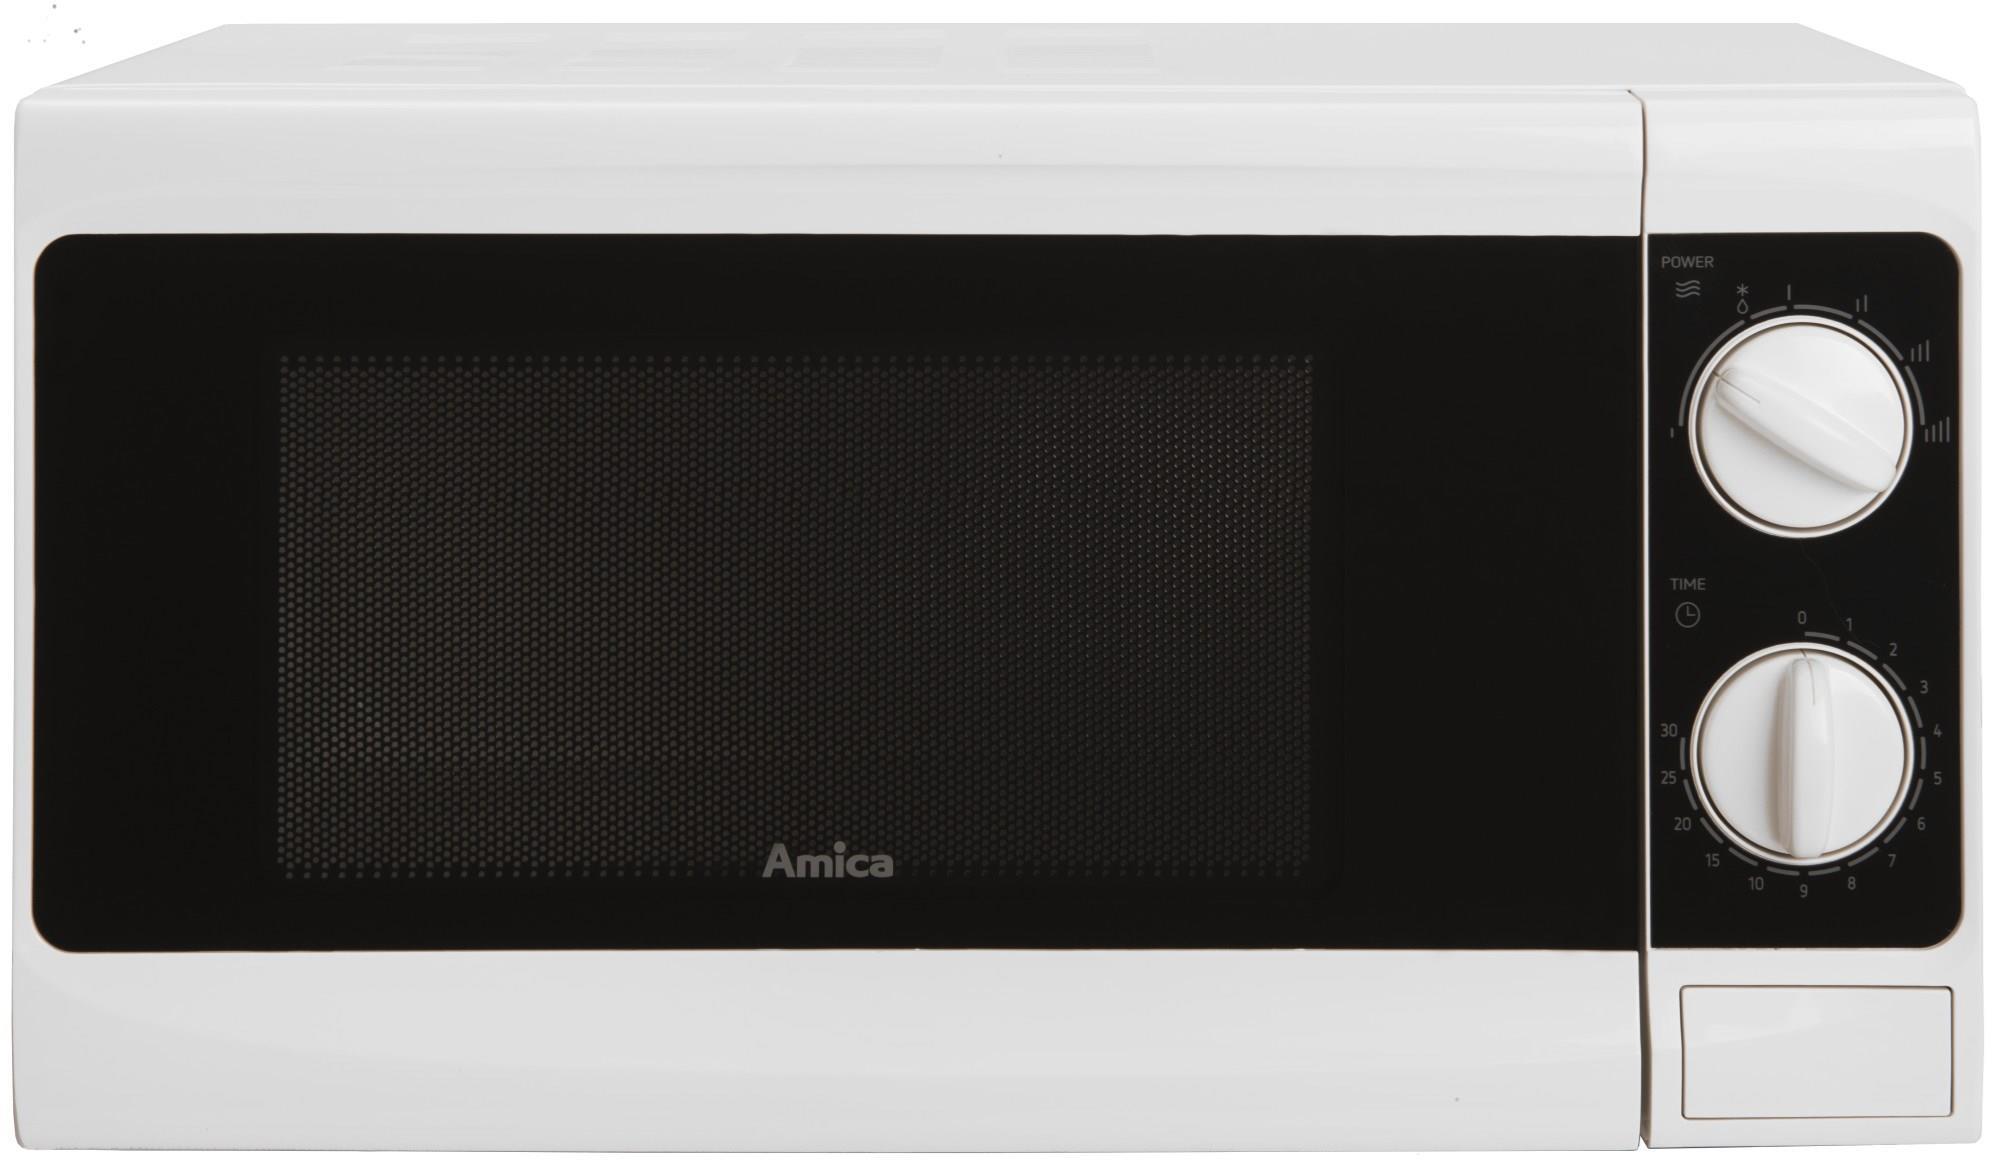 Amica Amg17m70v